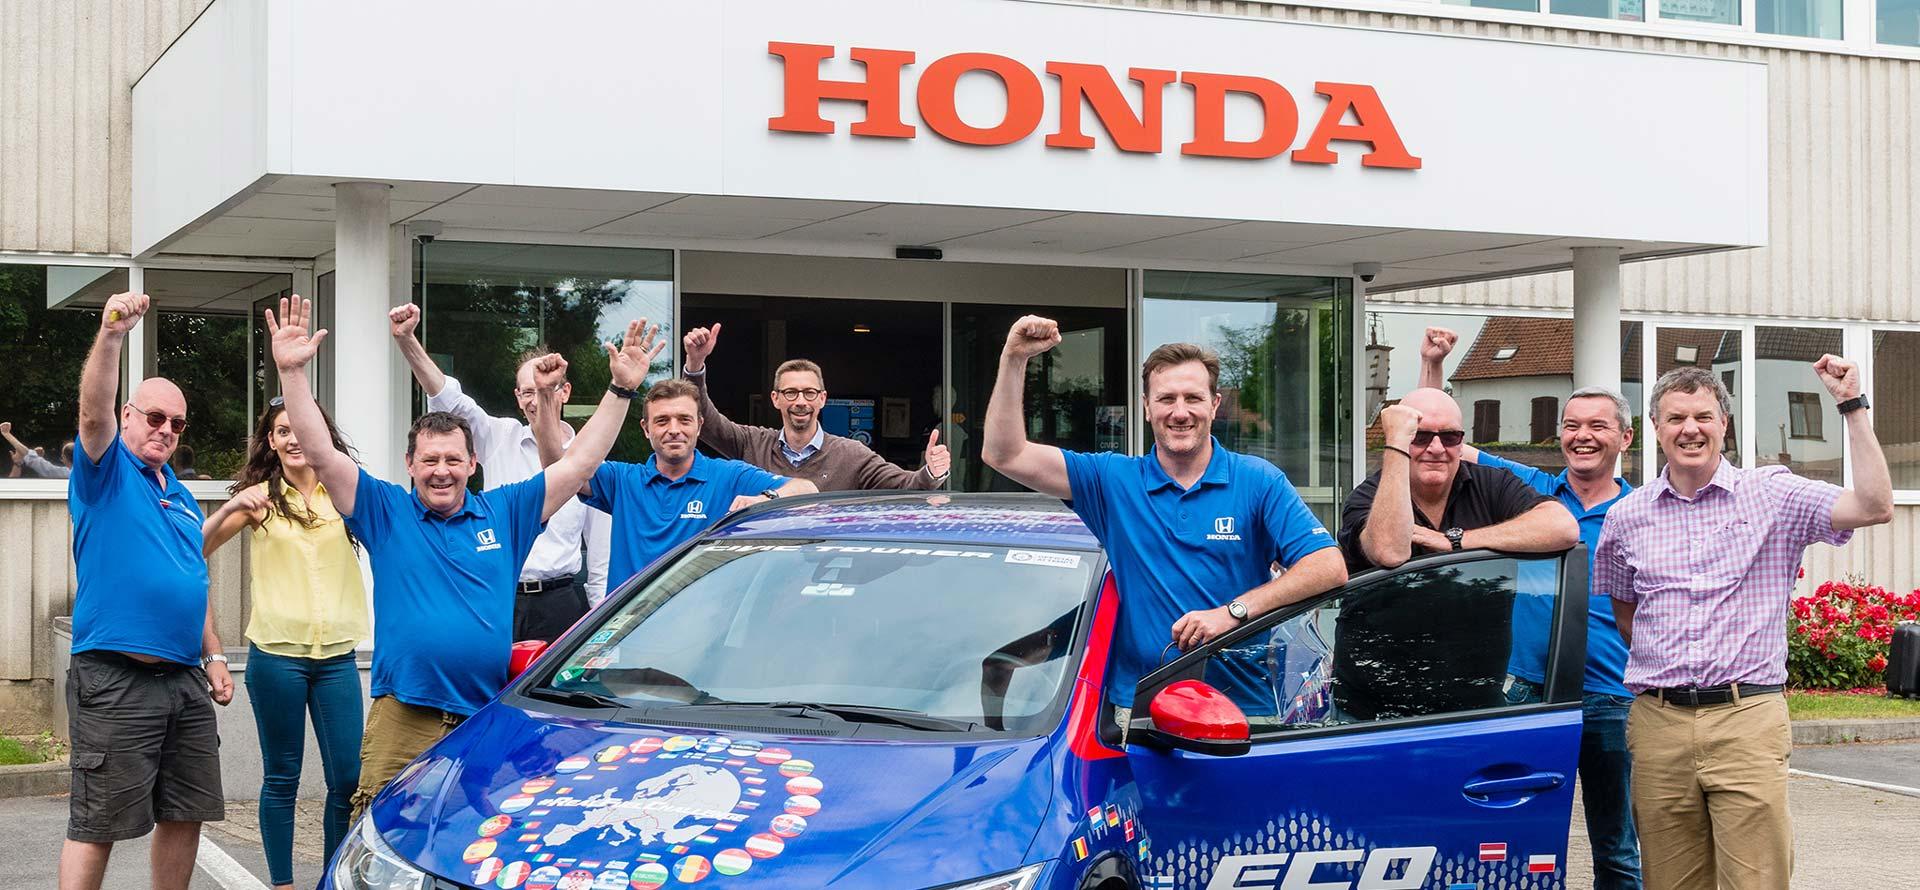 Honda postavila novi Guinnessov svjetski rekord u štedljivosti s prosječnom potrošnjom od svega 2,82 l/100 km